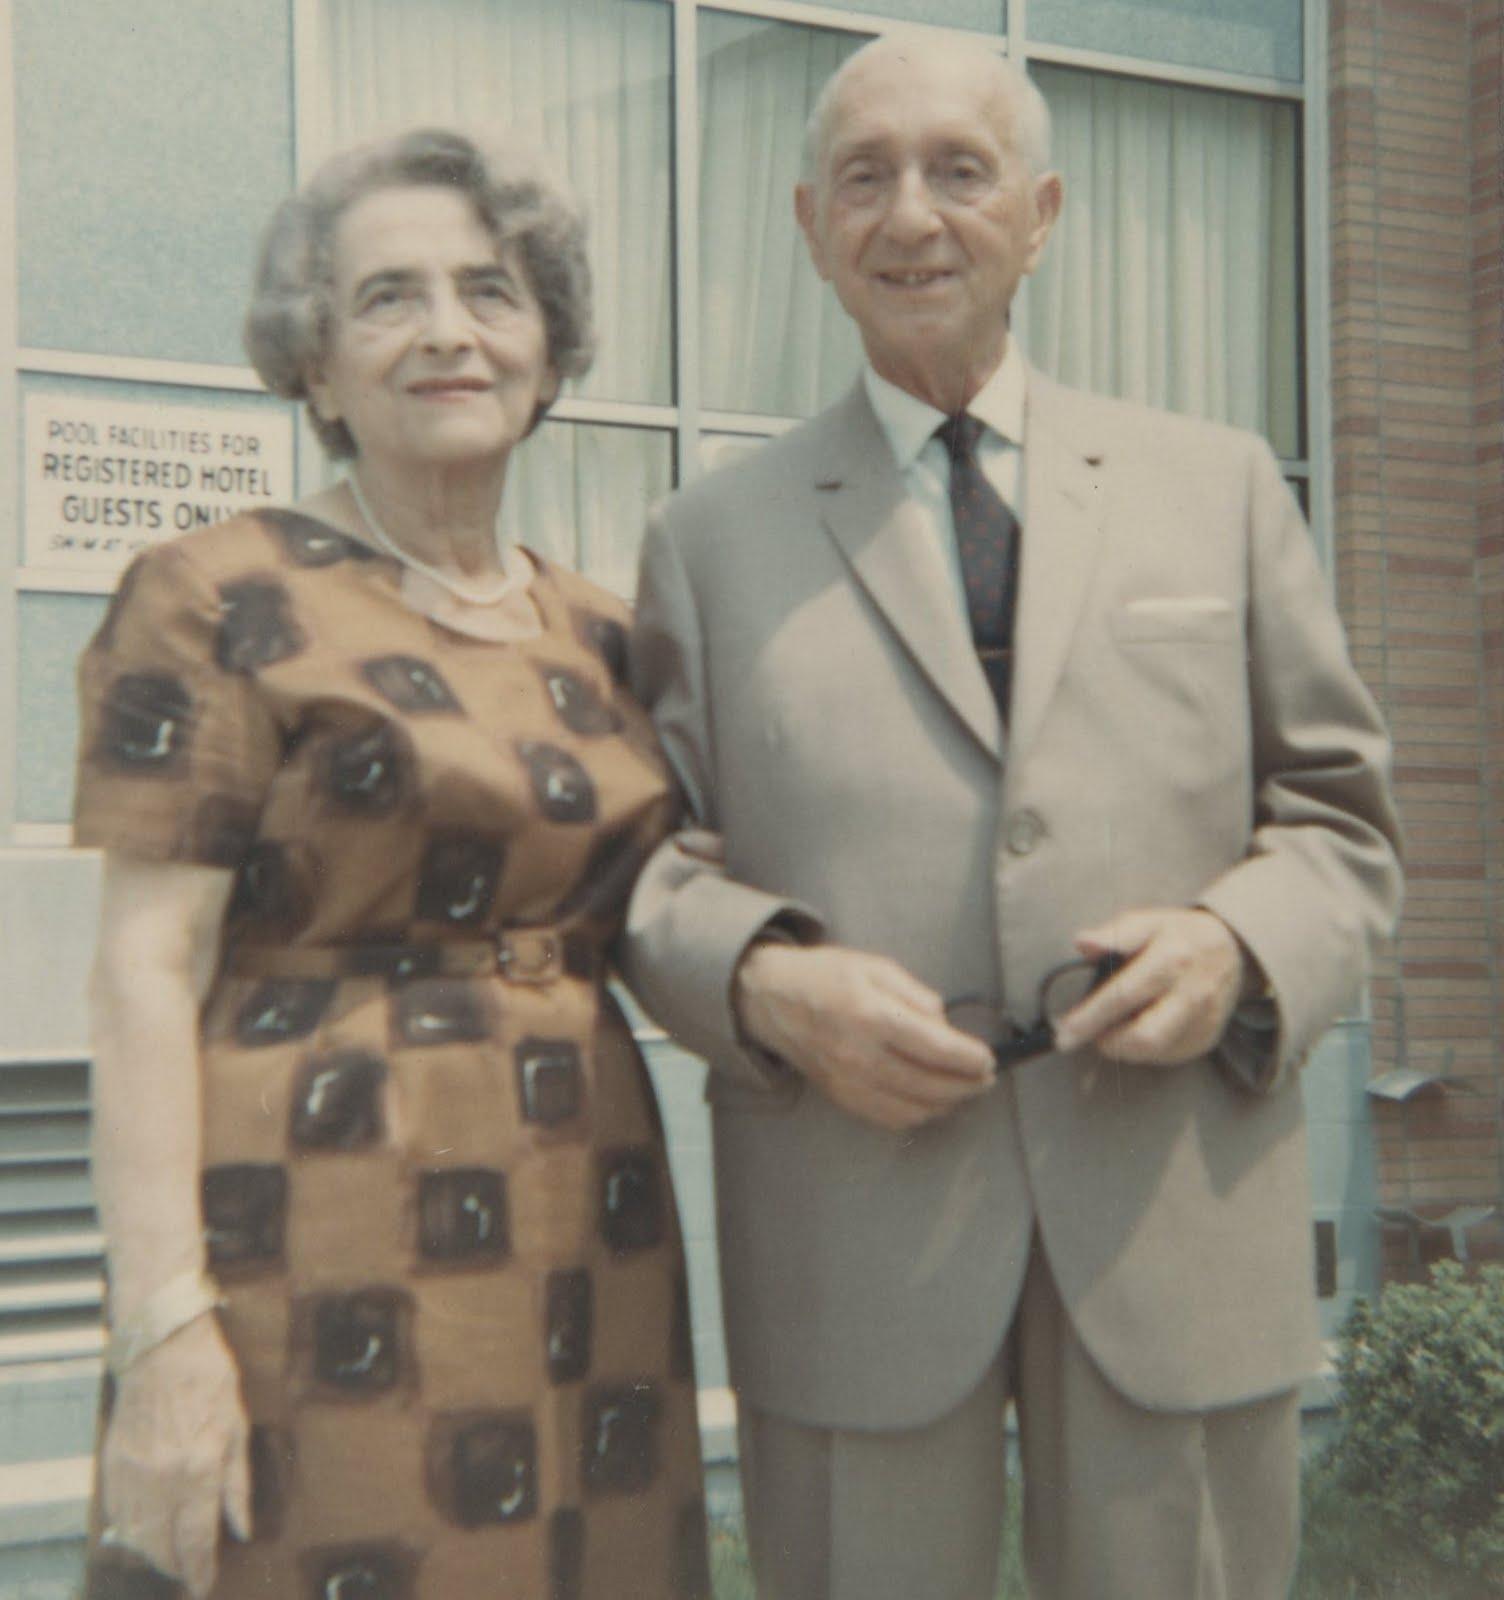 Lieschen and Gustav Gumpel